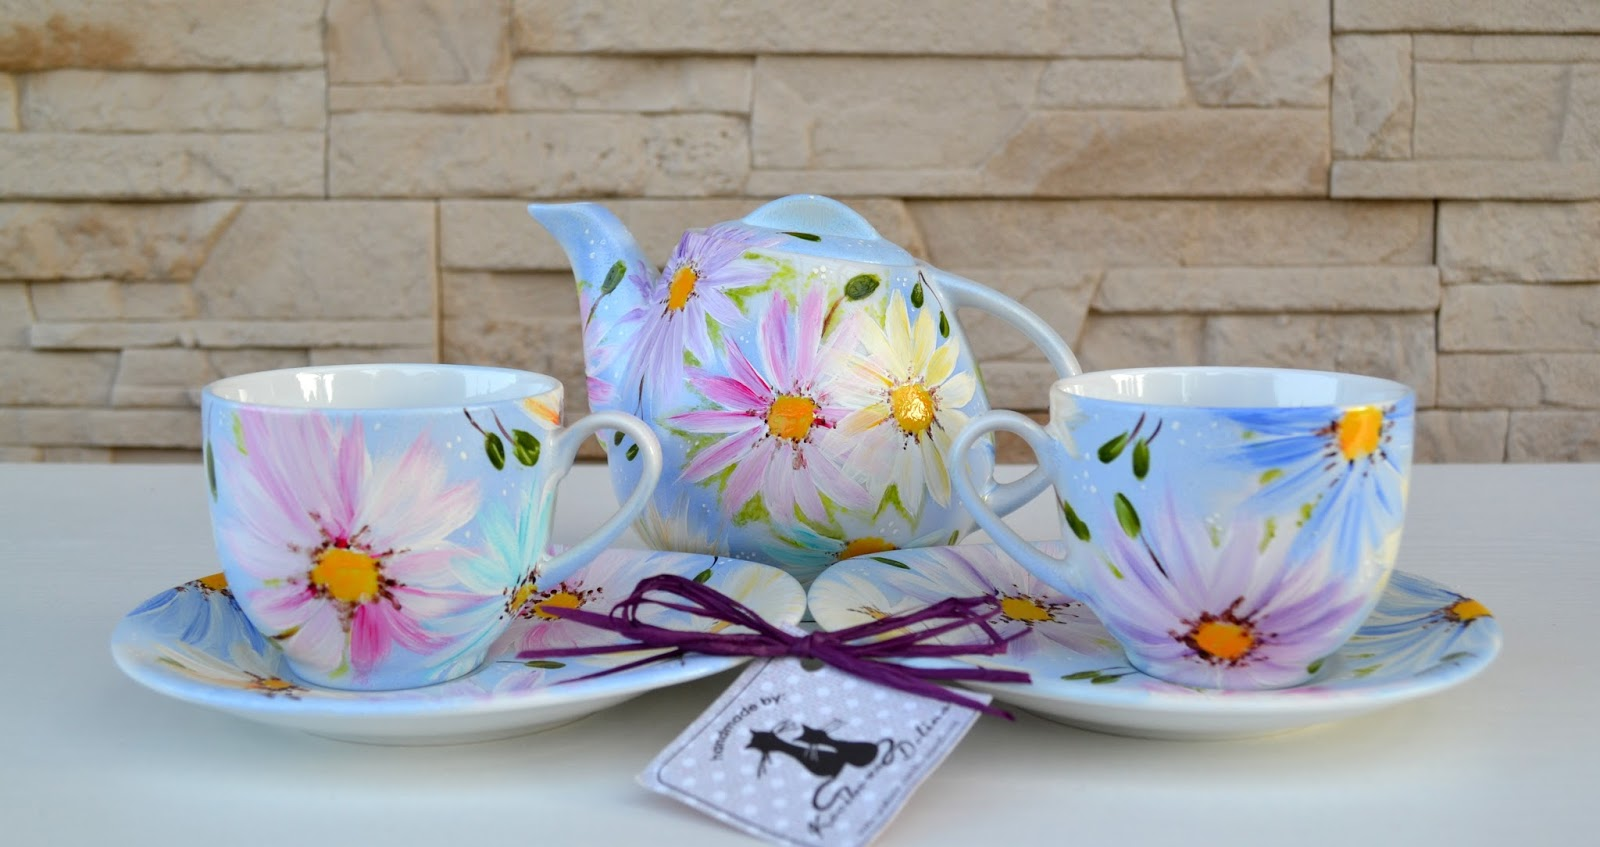 Pesel bez znaczenia, kąpiel słoneczna i pastelowe astry na porcelanie